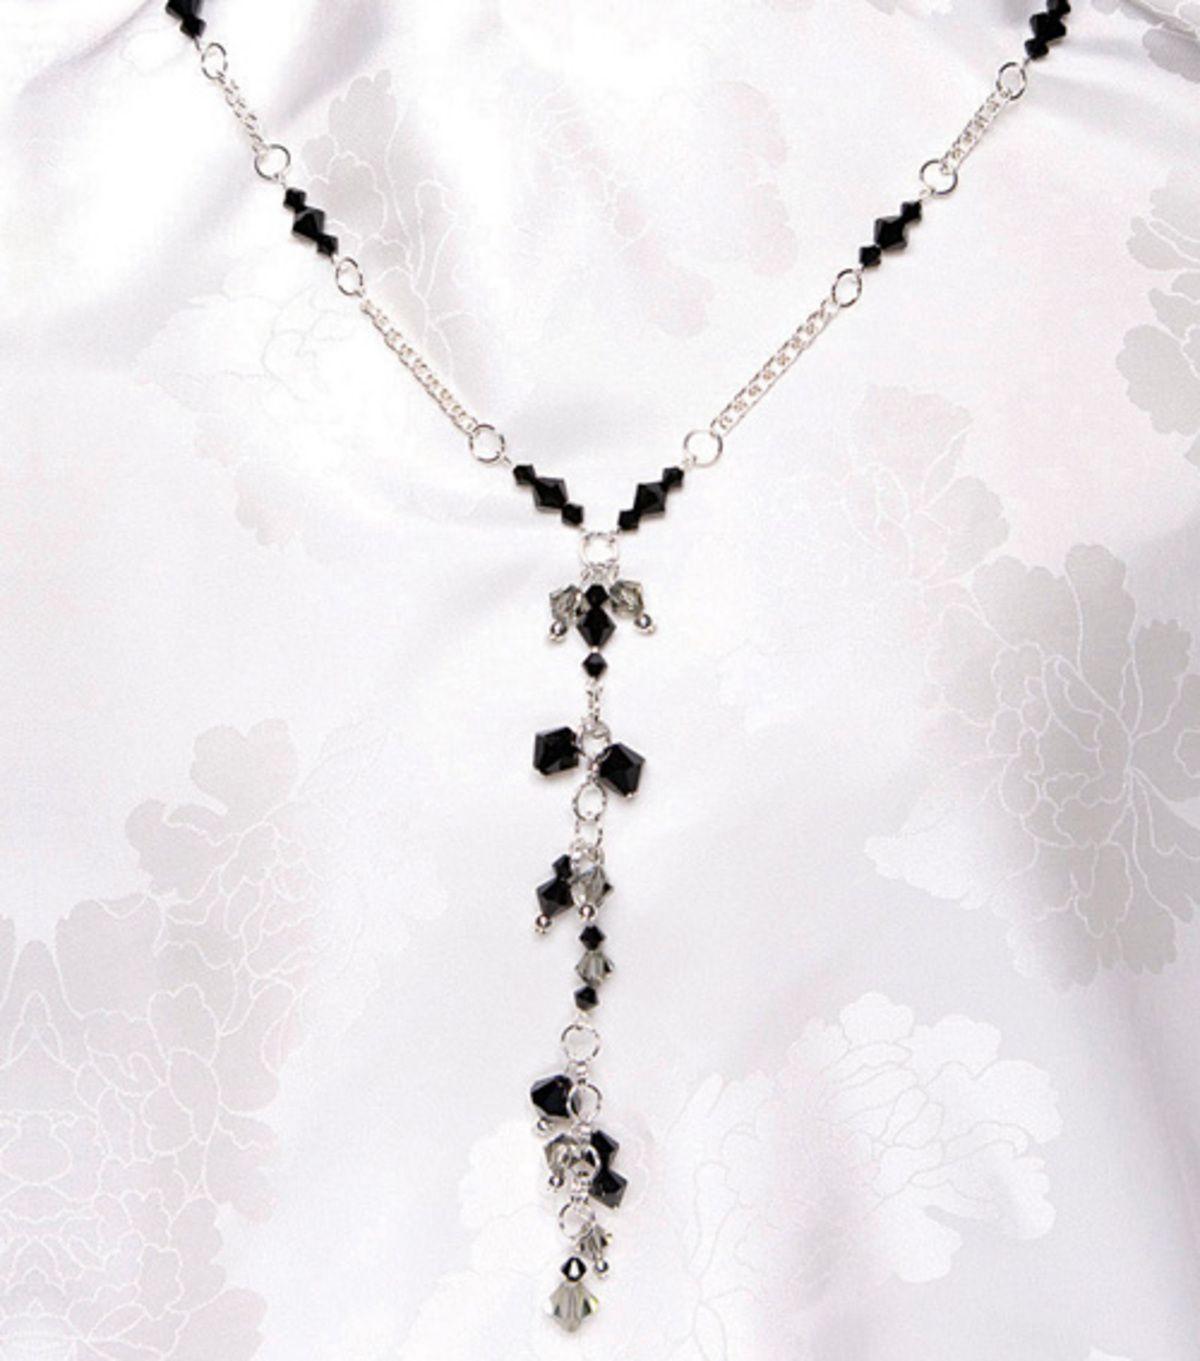 Salt & Pepper Crystal NecklaceSalt & Pepper Crystal Necklace